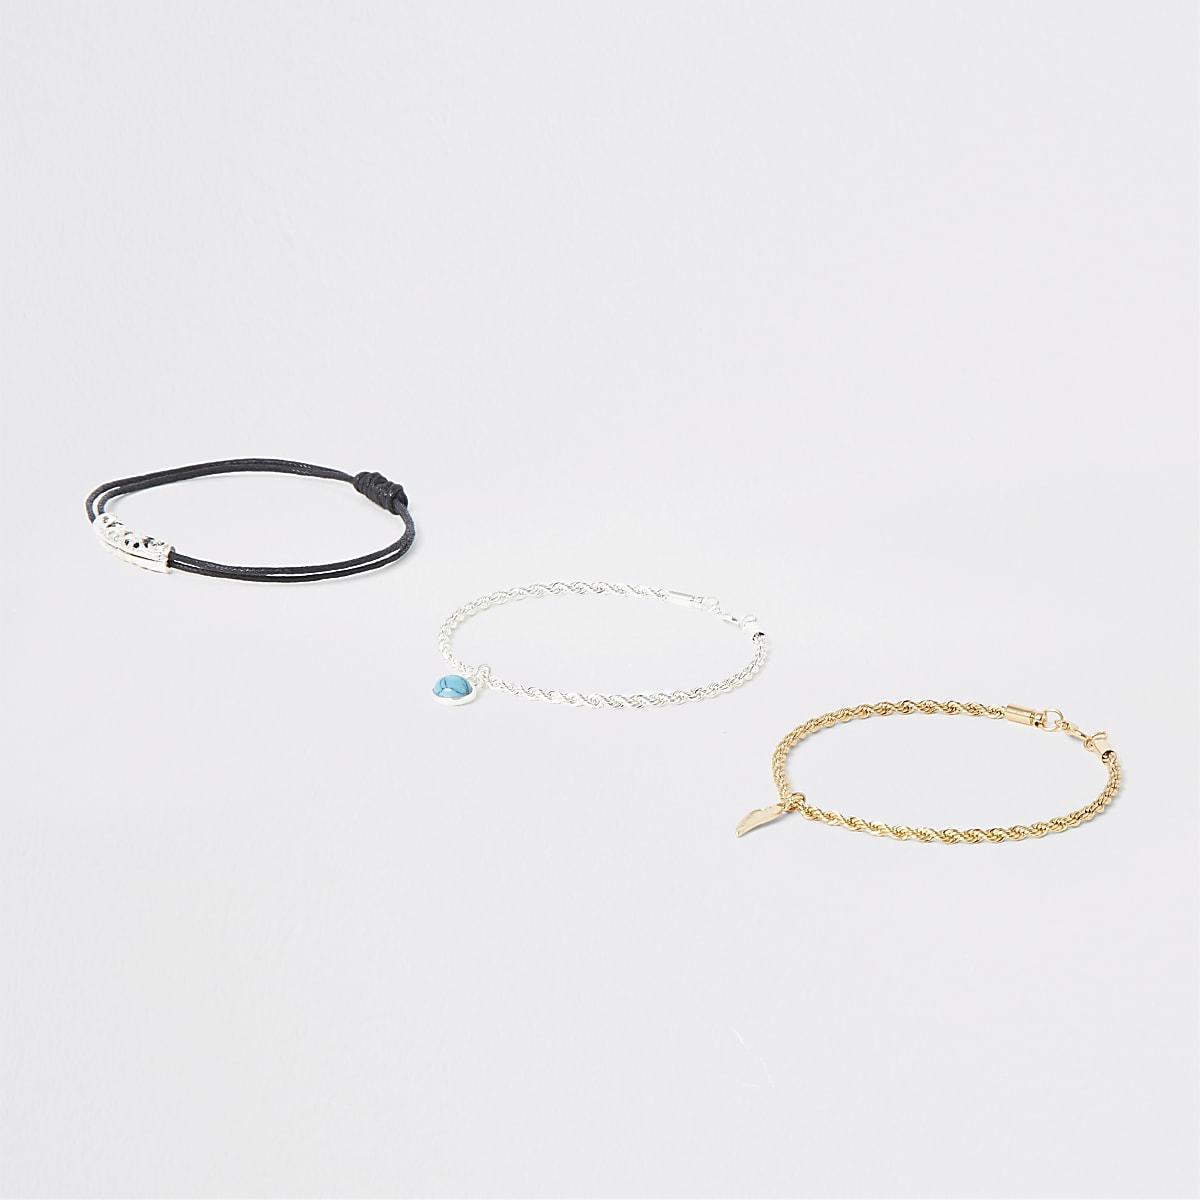 Lot de 3 bracelets avec breloques, un doré, un argenté